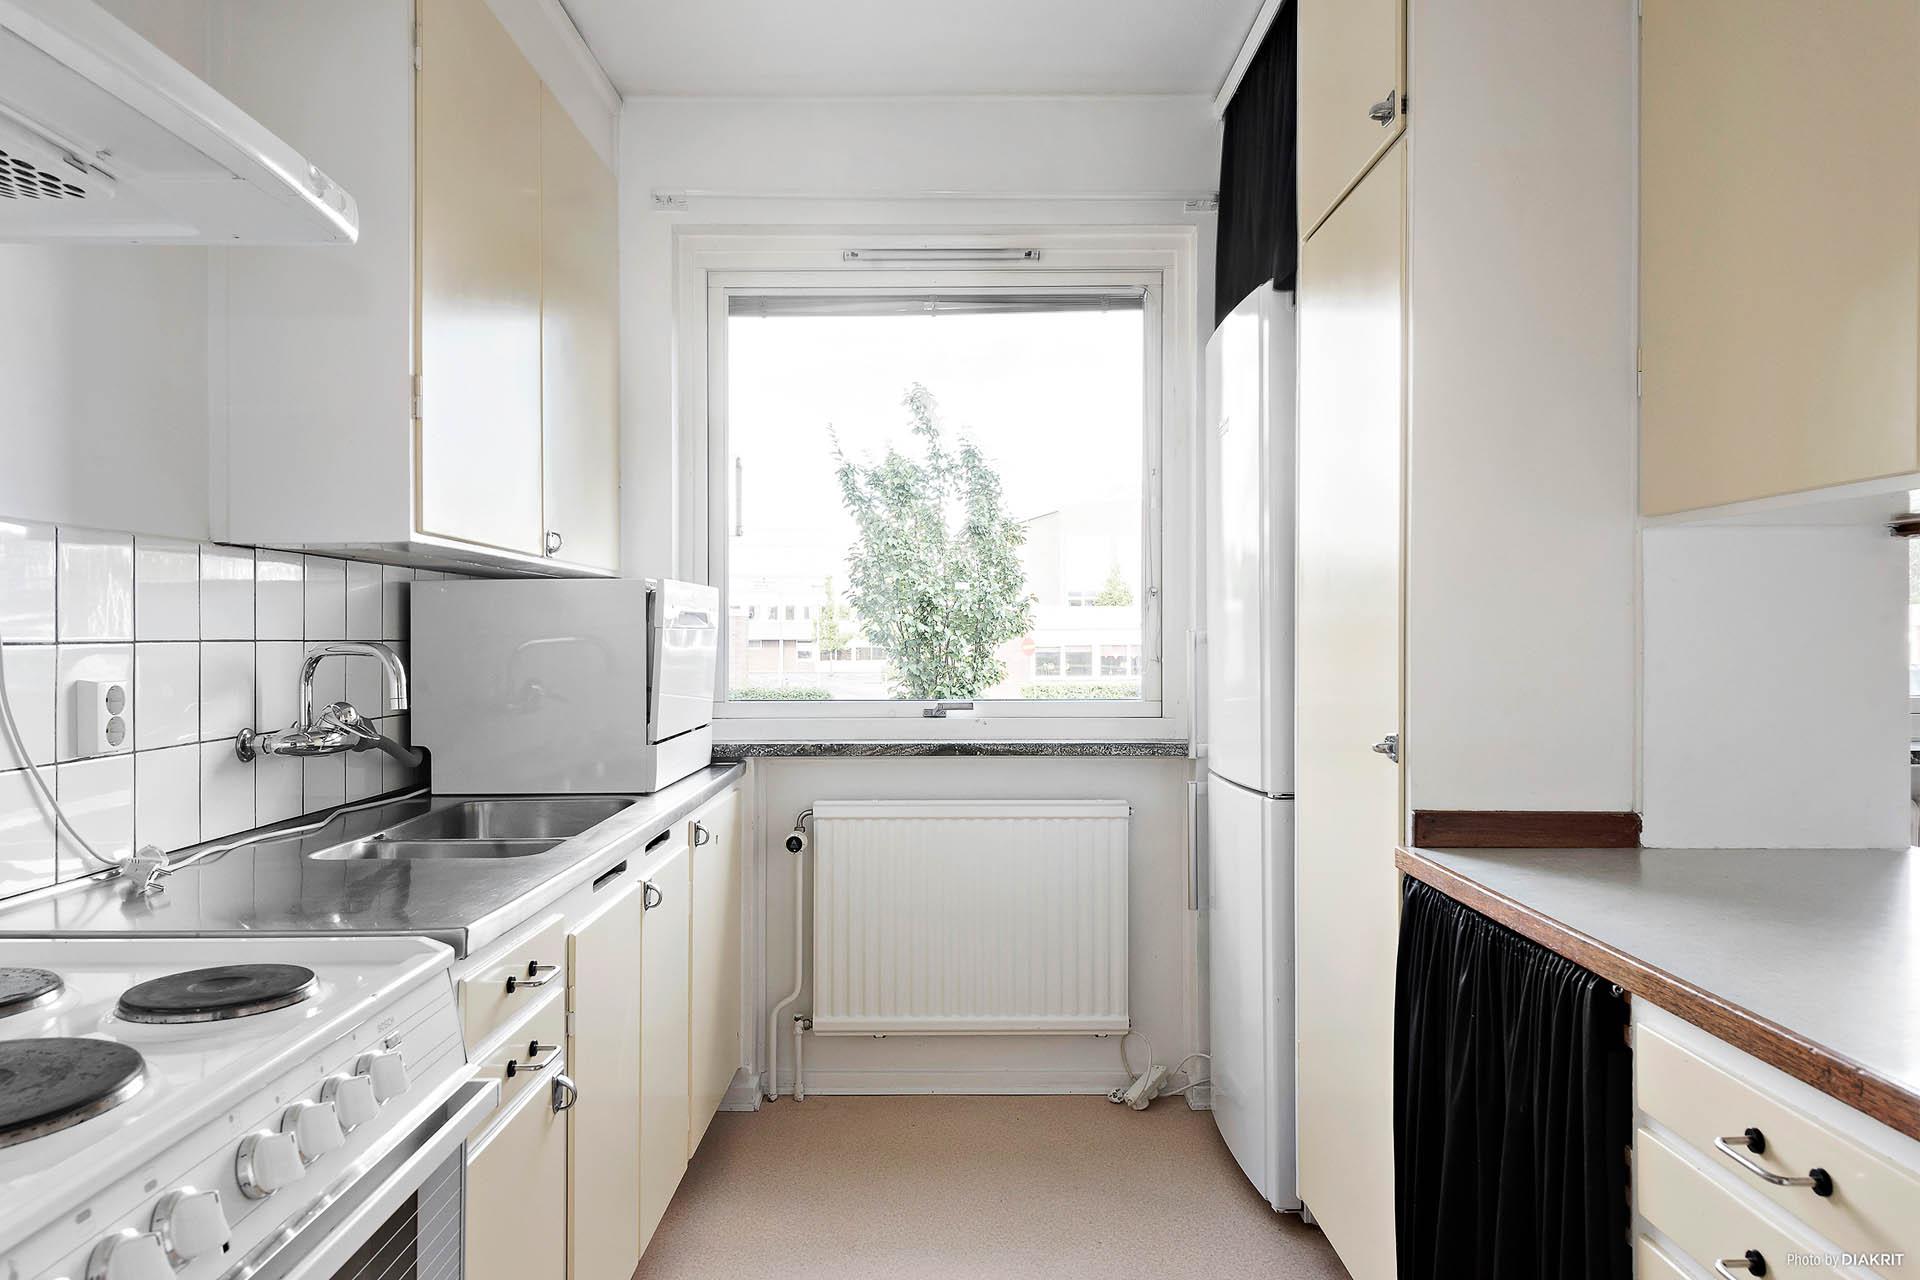 Köket har originalinredningen kvar. Spis, fläkt, kyl/frys samt bänkdiskmaskin.